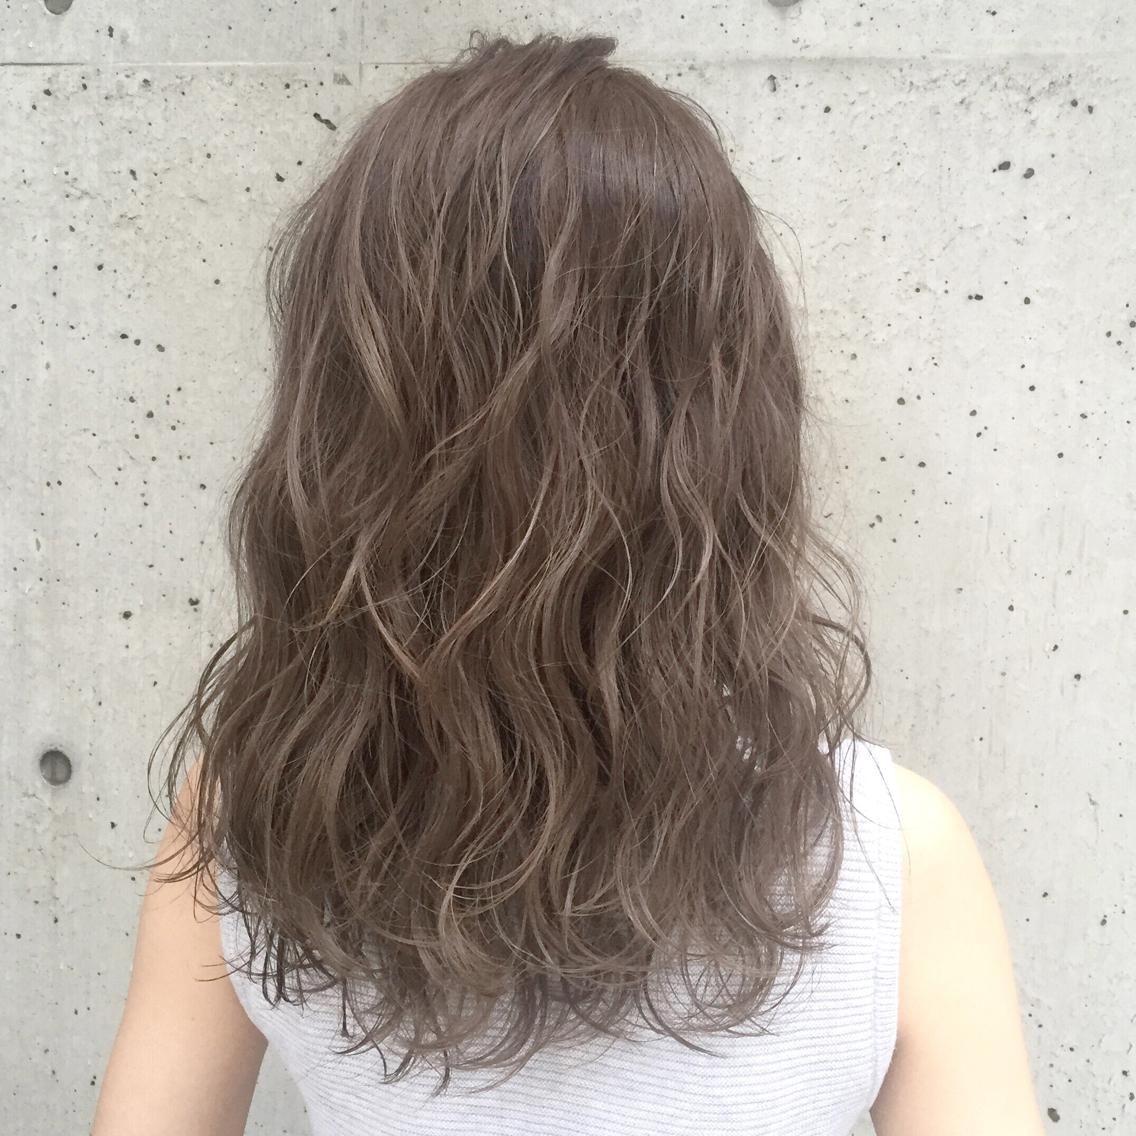 ベージュブラウン 9トーン の画像検索結果 髪 色 色 ベージュ